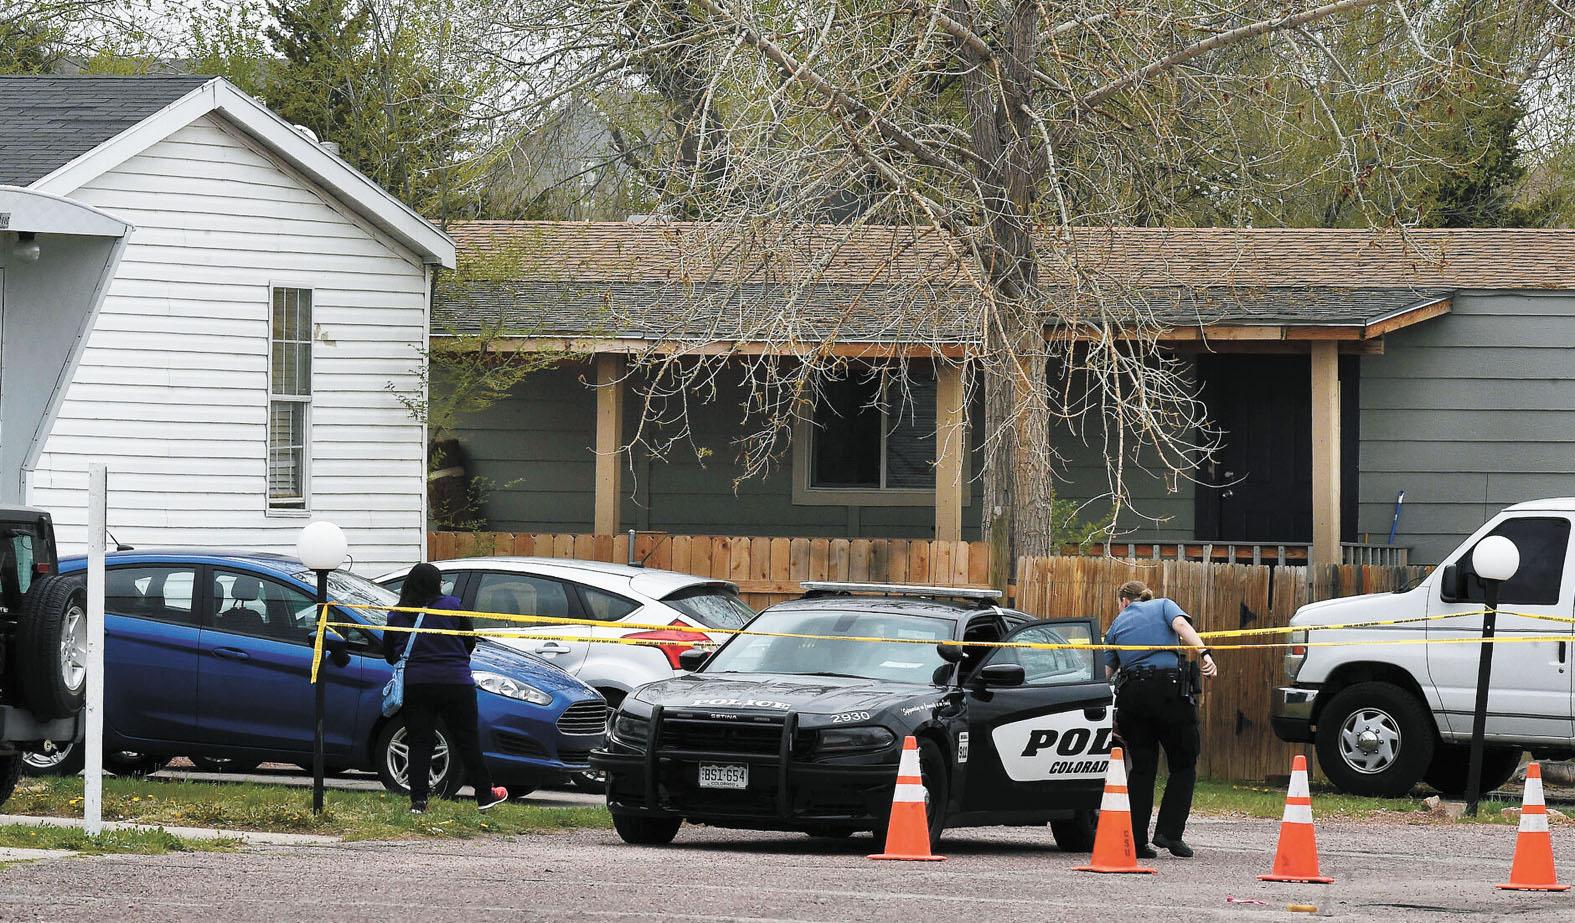 美國科州一個汽車屋營地母親節凌晨發生7人死亡的大型槍殺案。圖為警方封鎖現場調查。美聯社